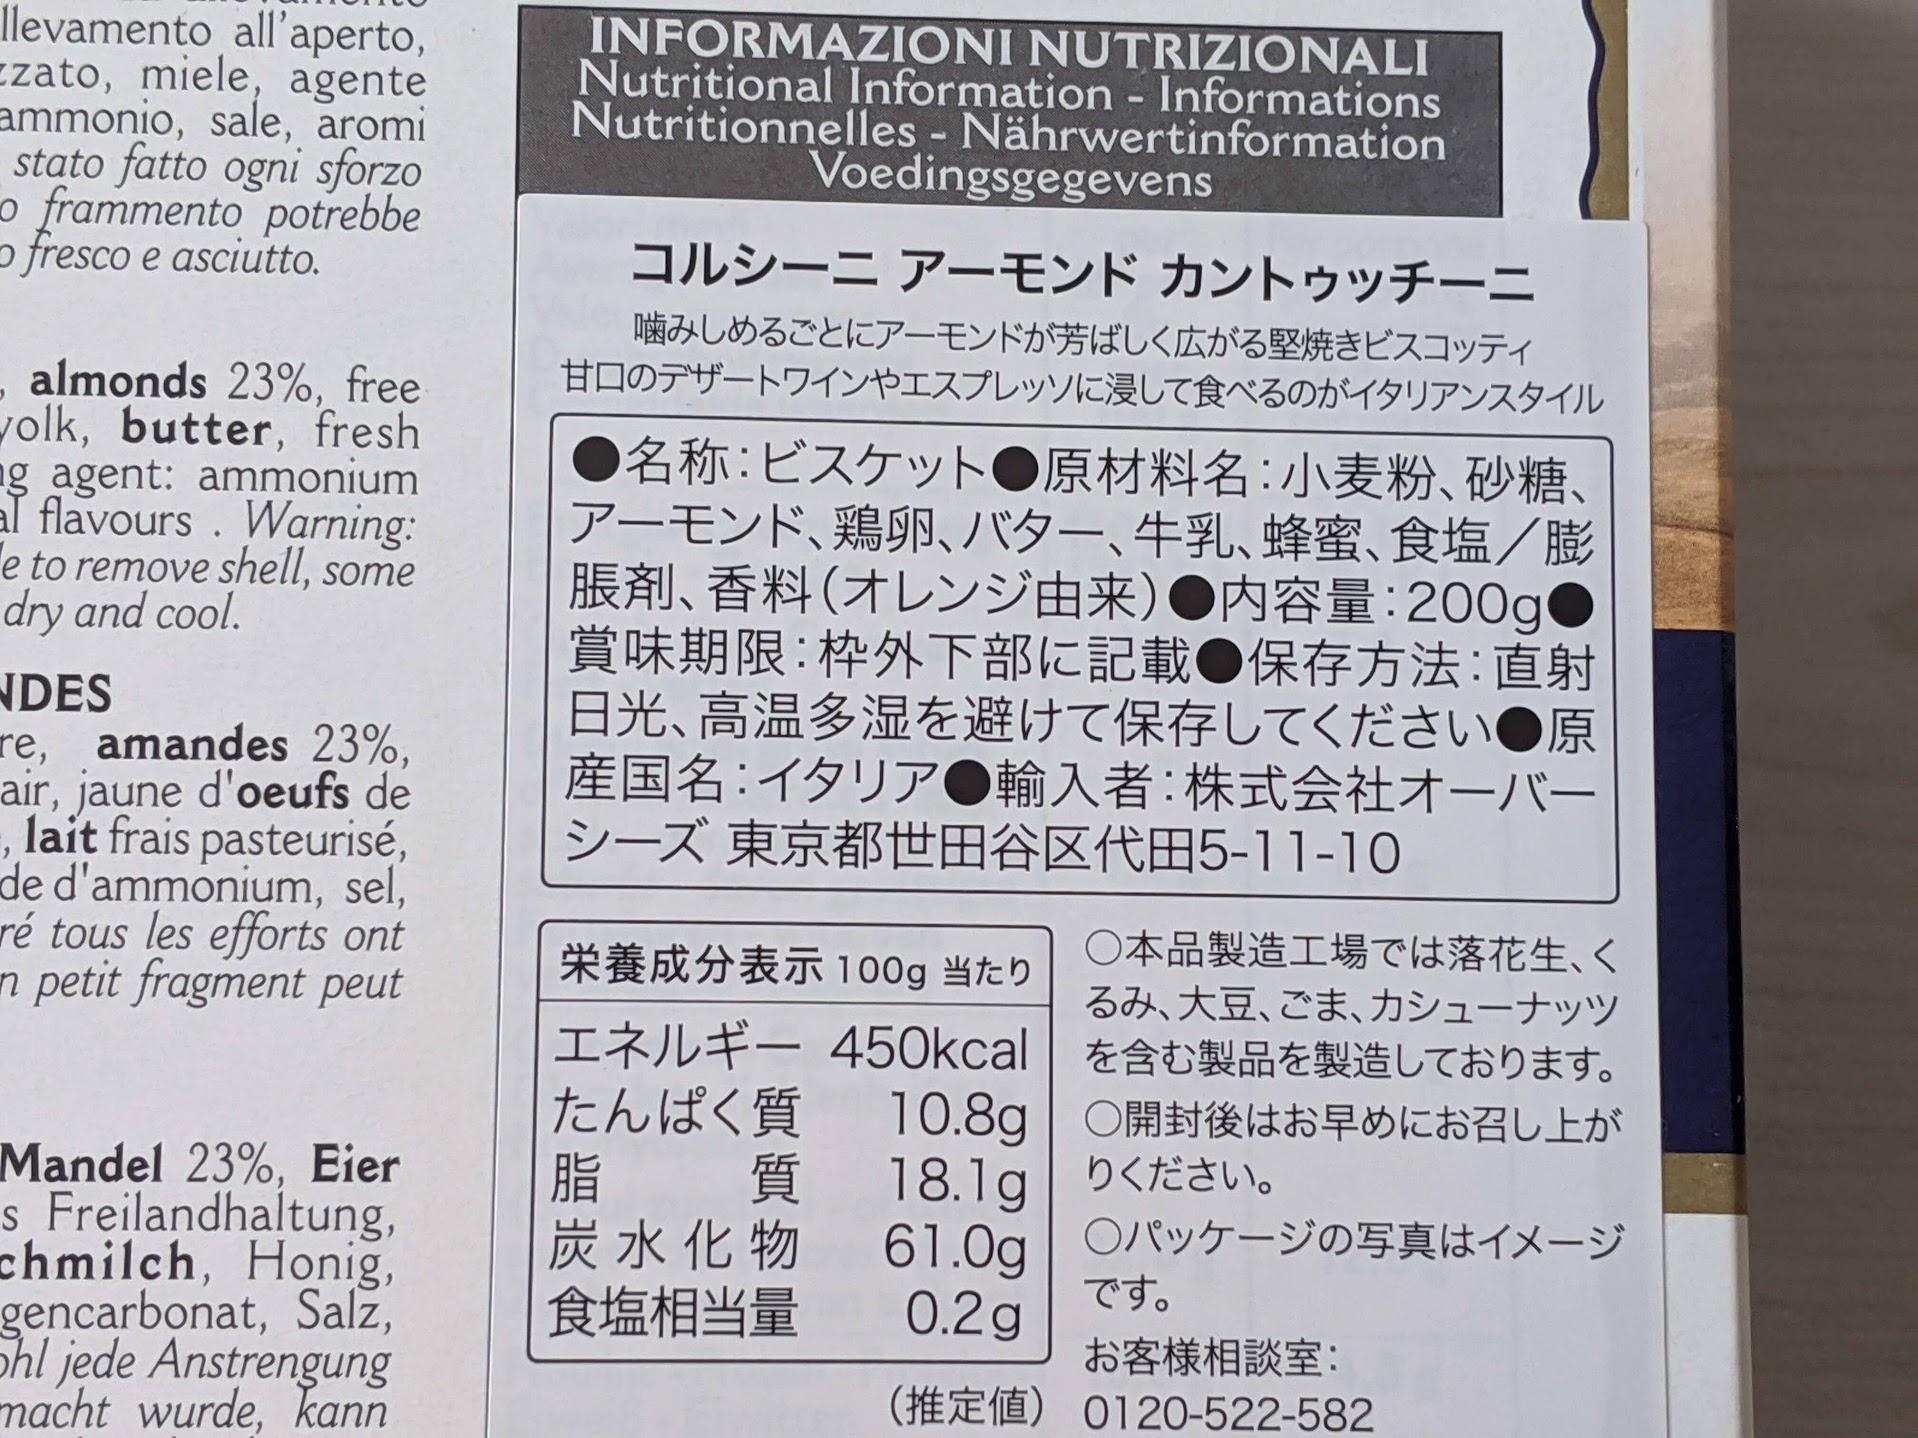 コルシーニ ビスコッティ 栄養成分表示